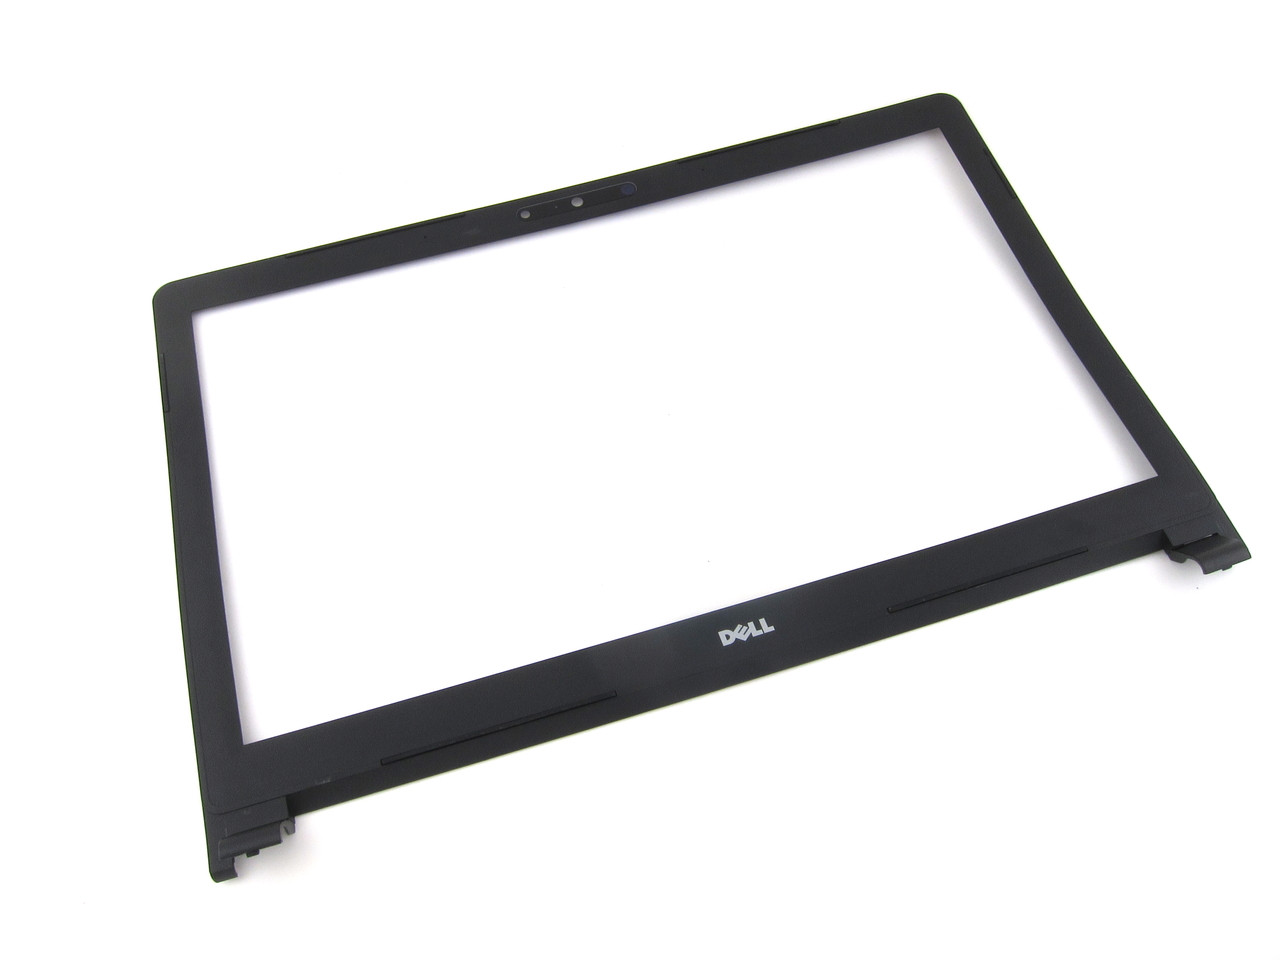 """Dell Inspiron 15 5559 15.6"""" Touchscreen LCD Bezel For 3D Camera - DGKNX"""